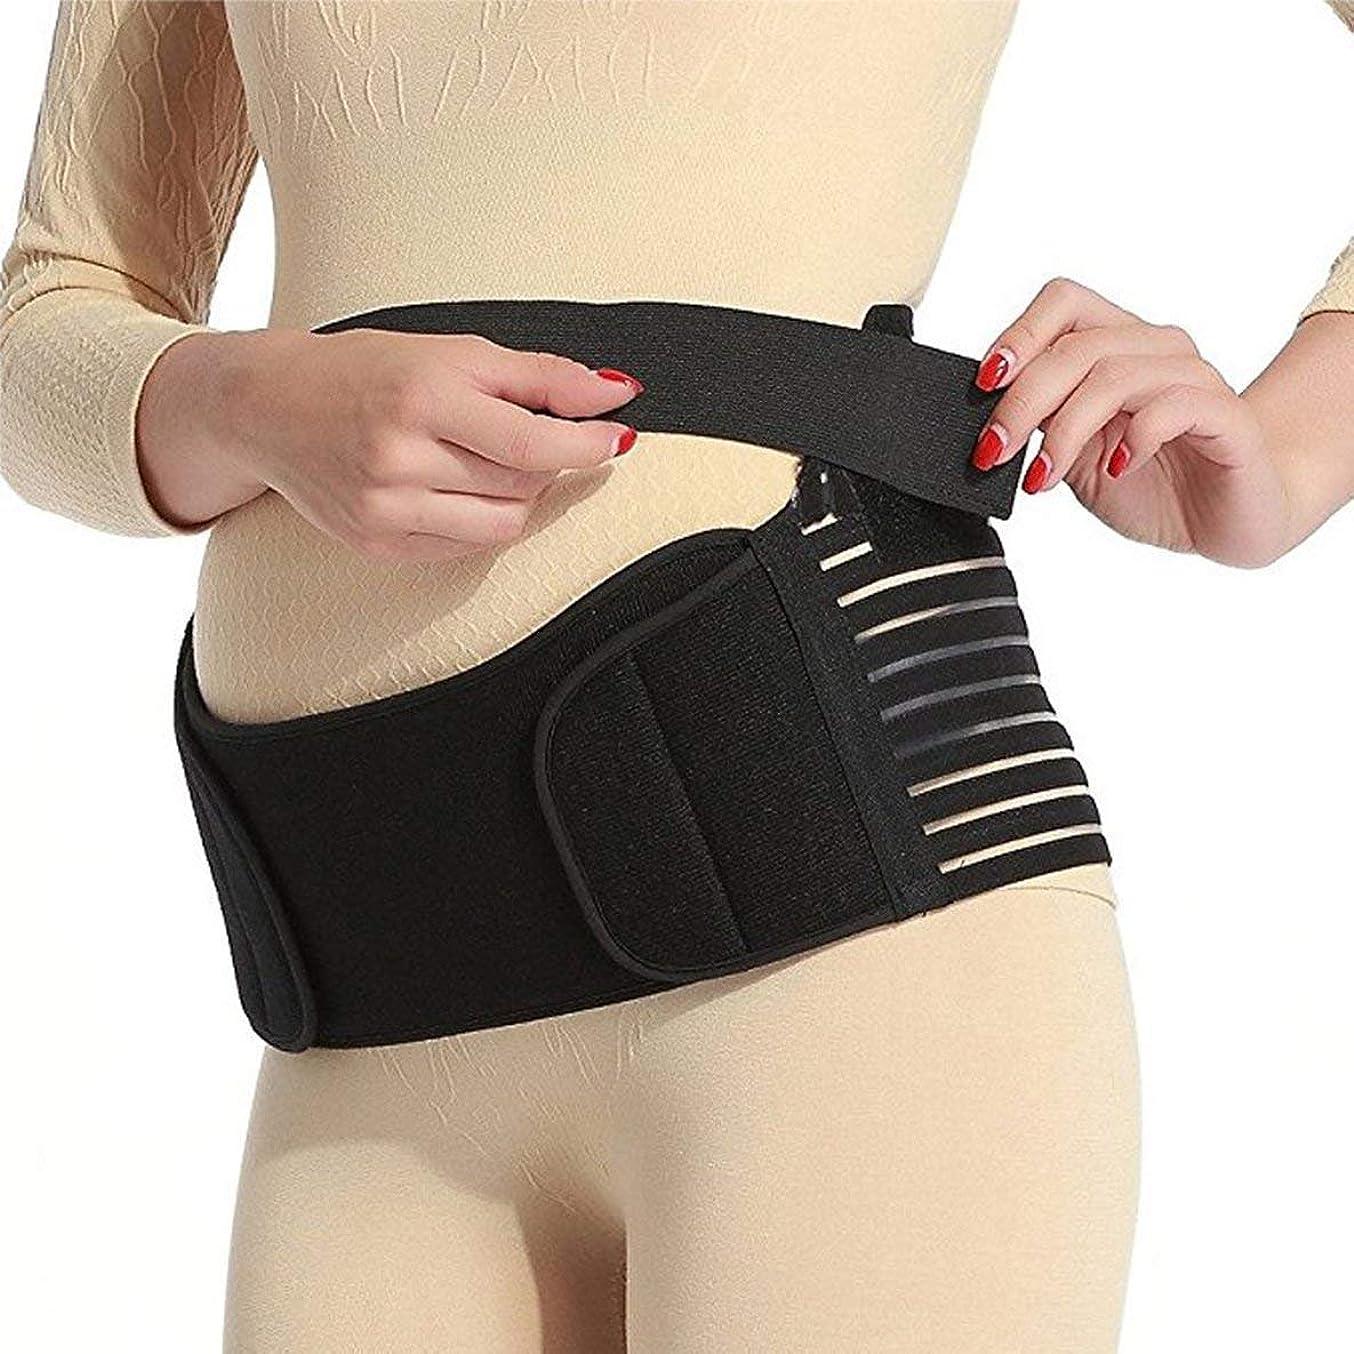 コンチネンタルオーロック横たわる通気性マタニティベルト妊娠中の腹部サポート腹部バインダーガードル運動包帯産後の回復shapewear - ブラックM